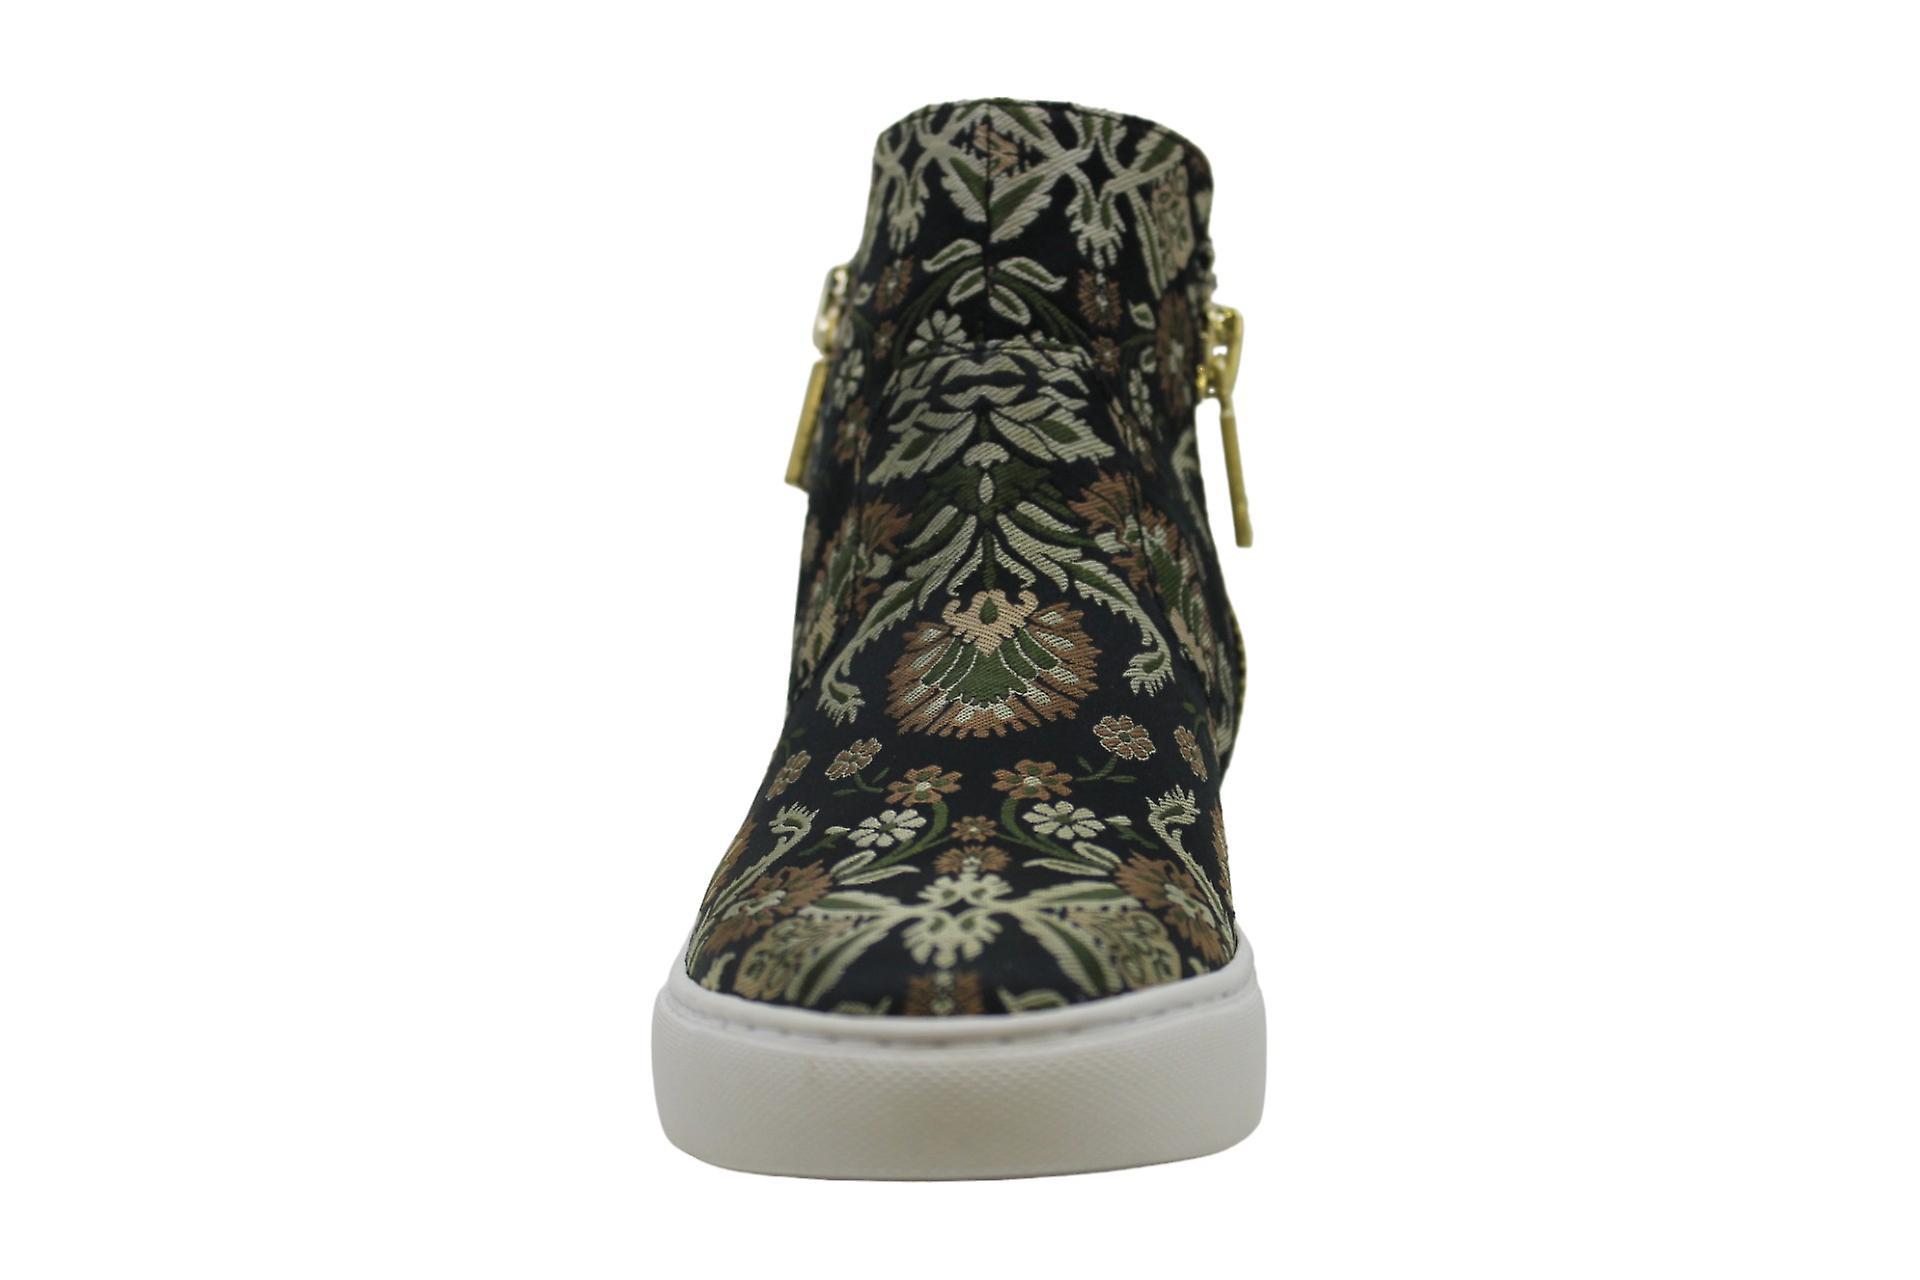 Kenneth Cole New York Women's Kiera Mid-Height Dual Side Zippers Sneaker